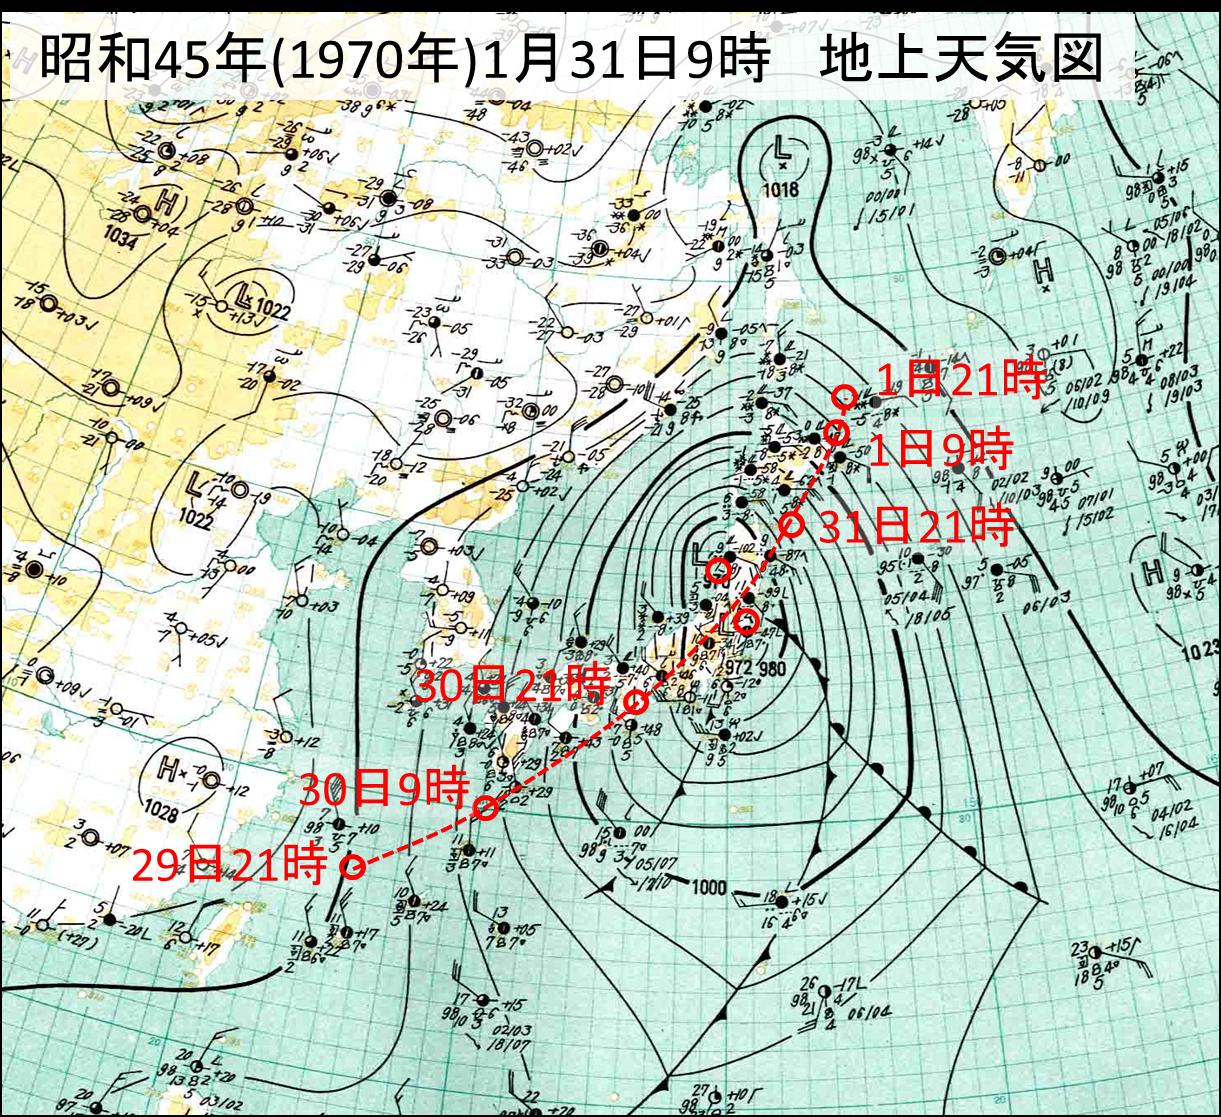 昭和45年1月低気圧